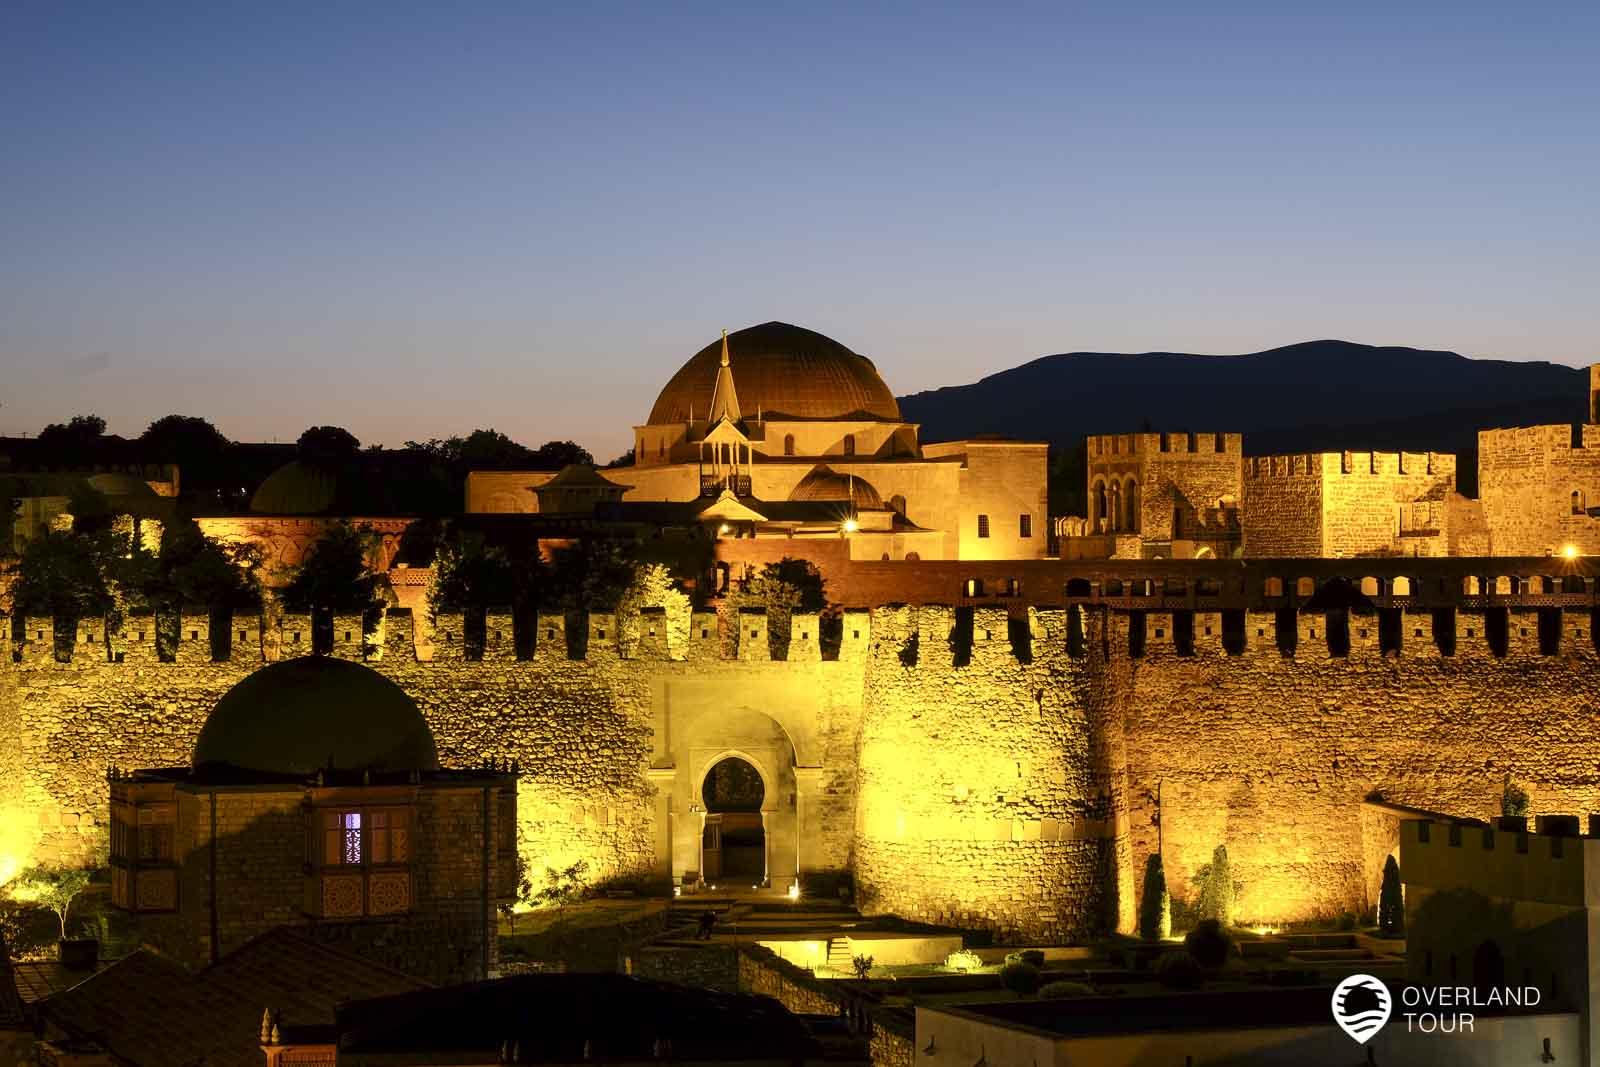 Die Festung Rabati zum Sonnenuntergang